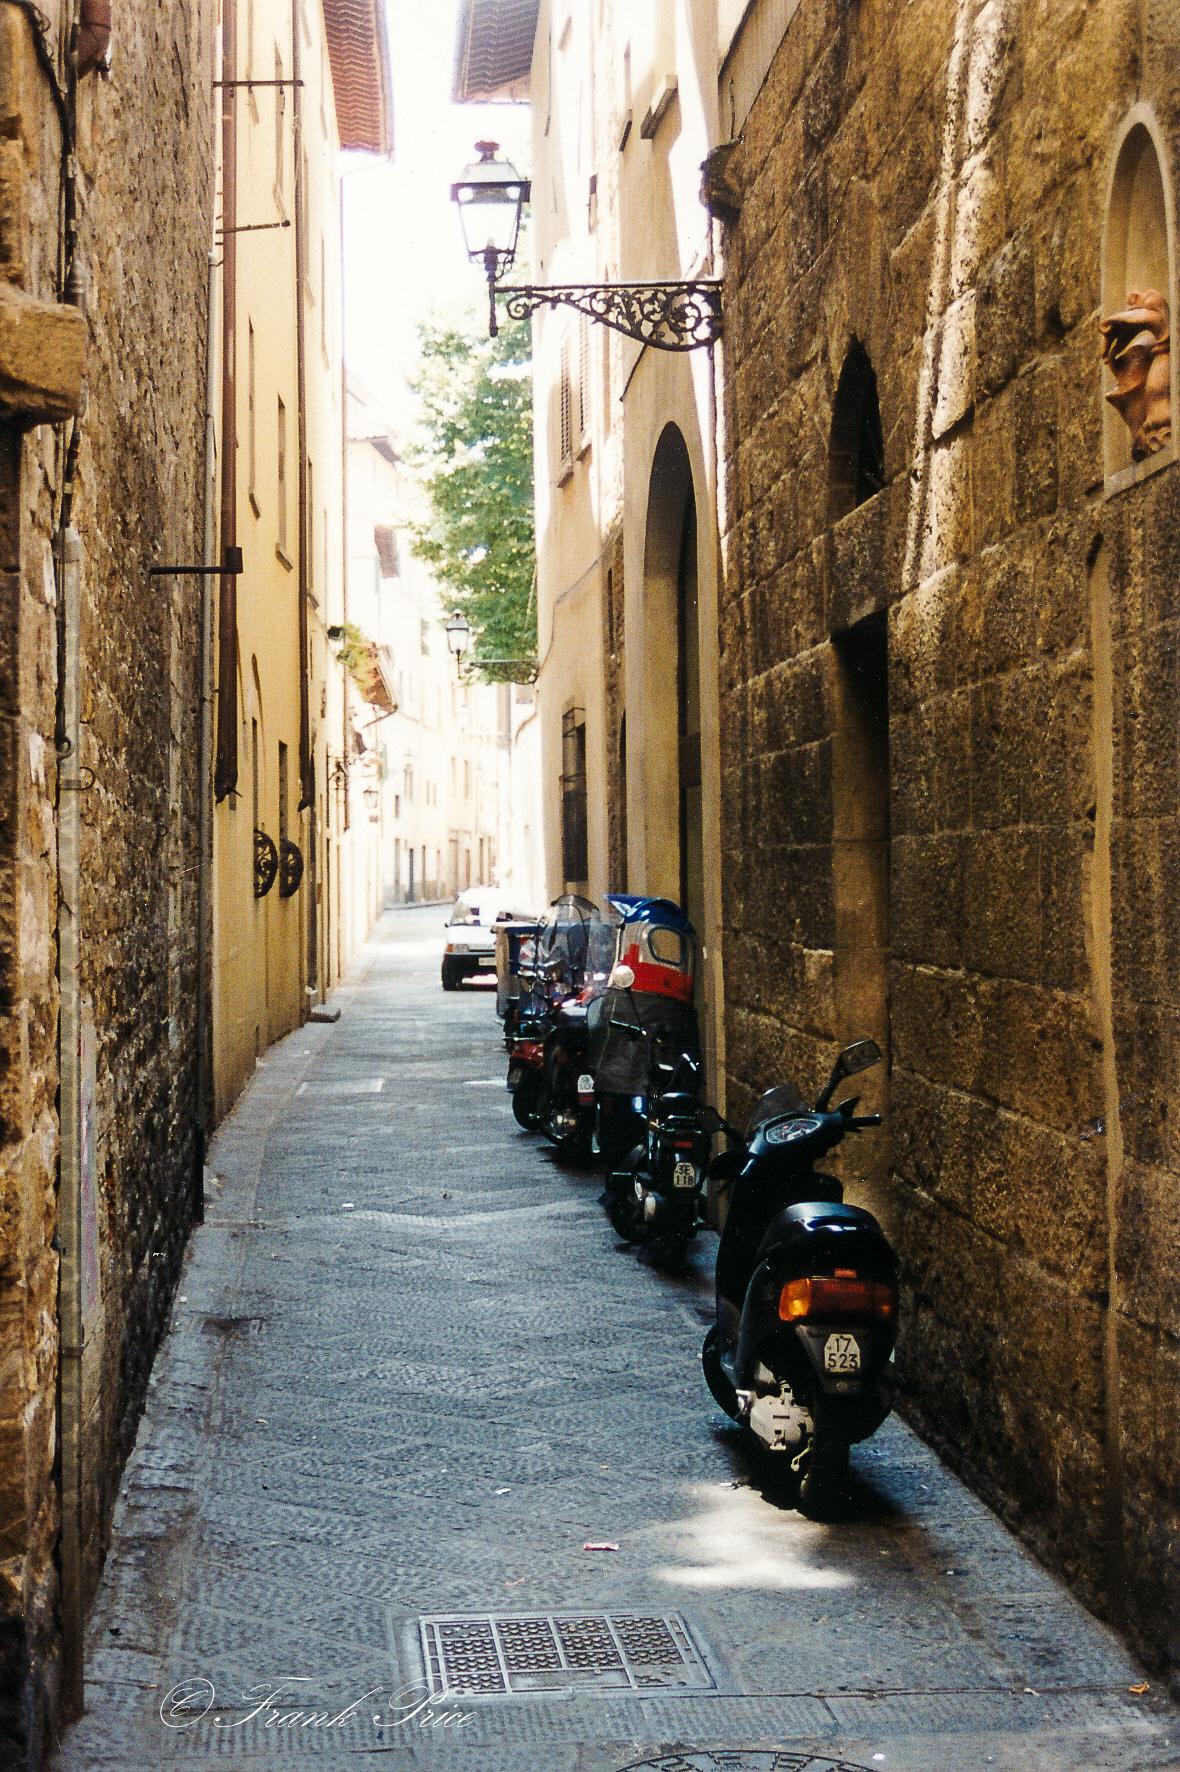 Una via italiana...